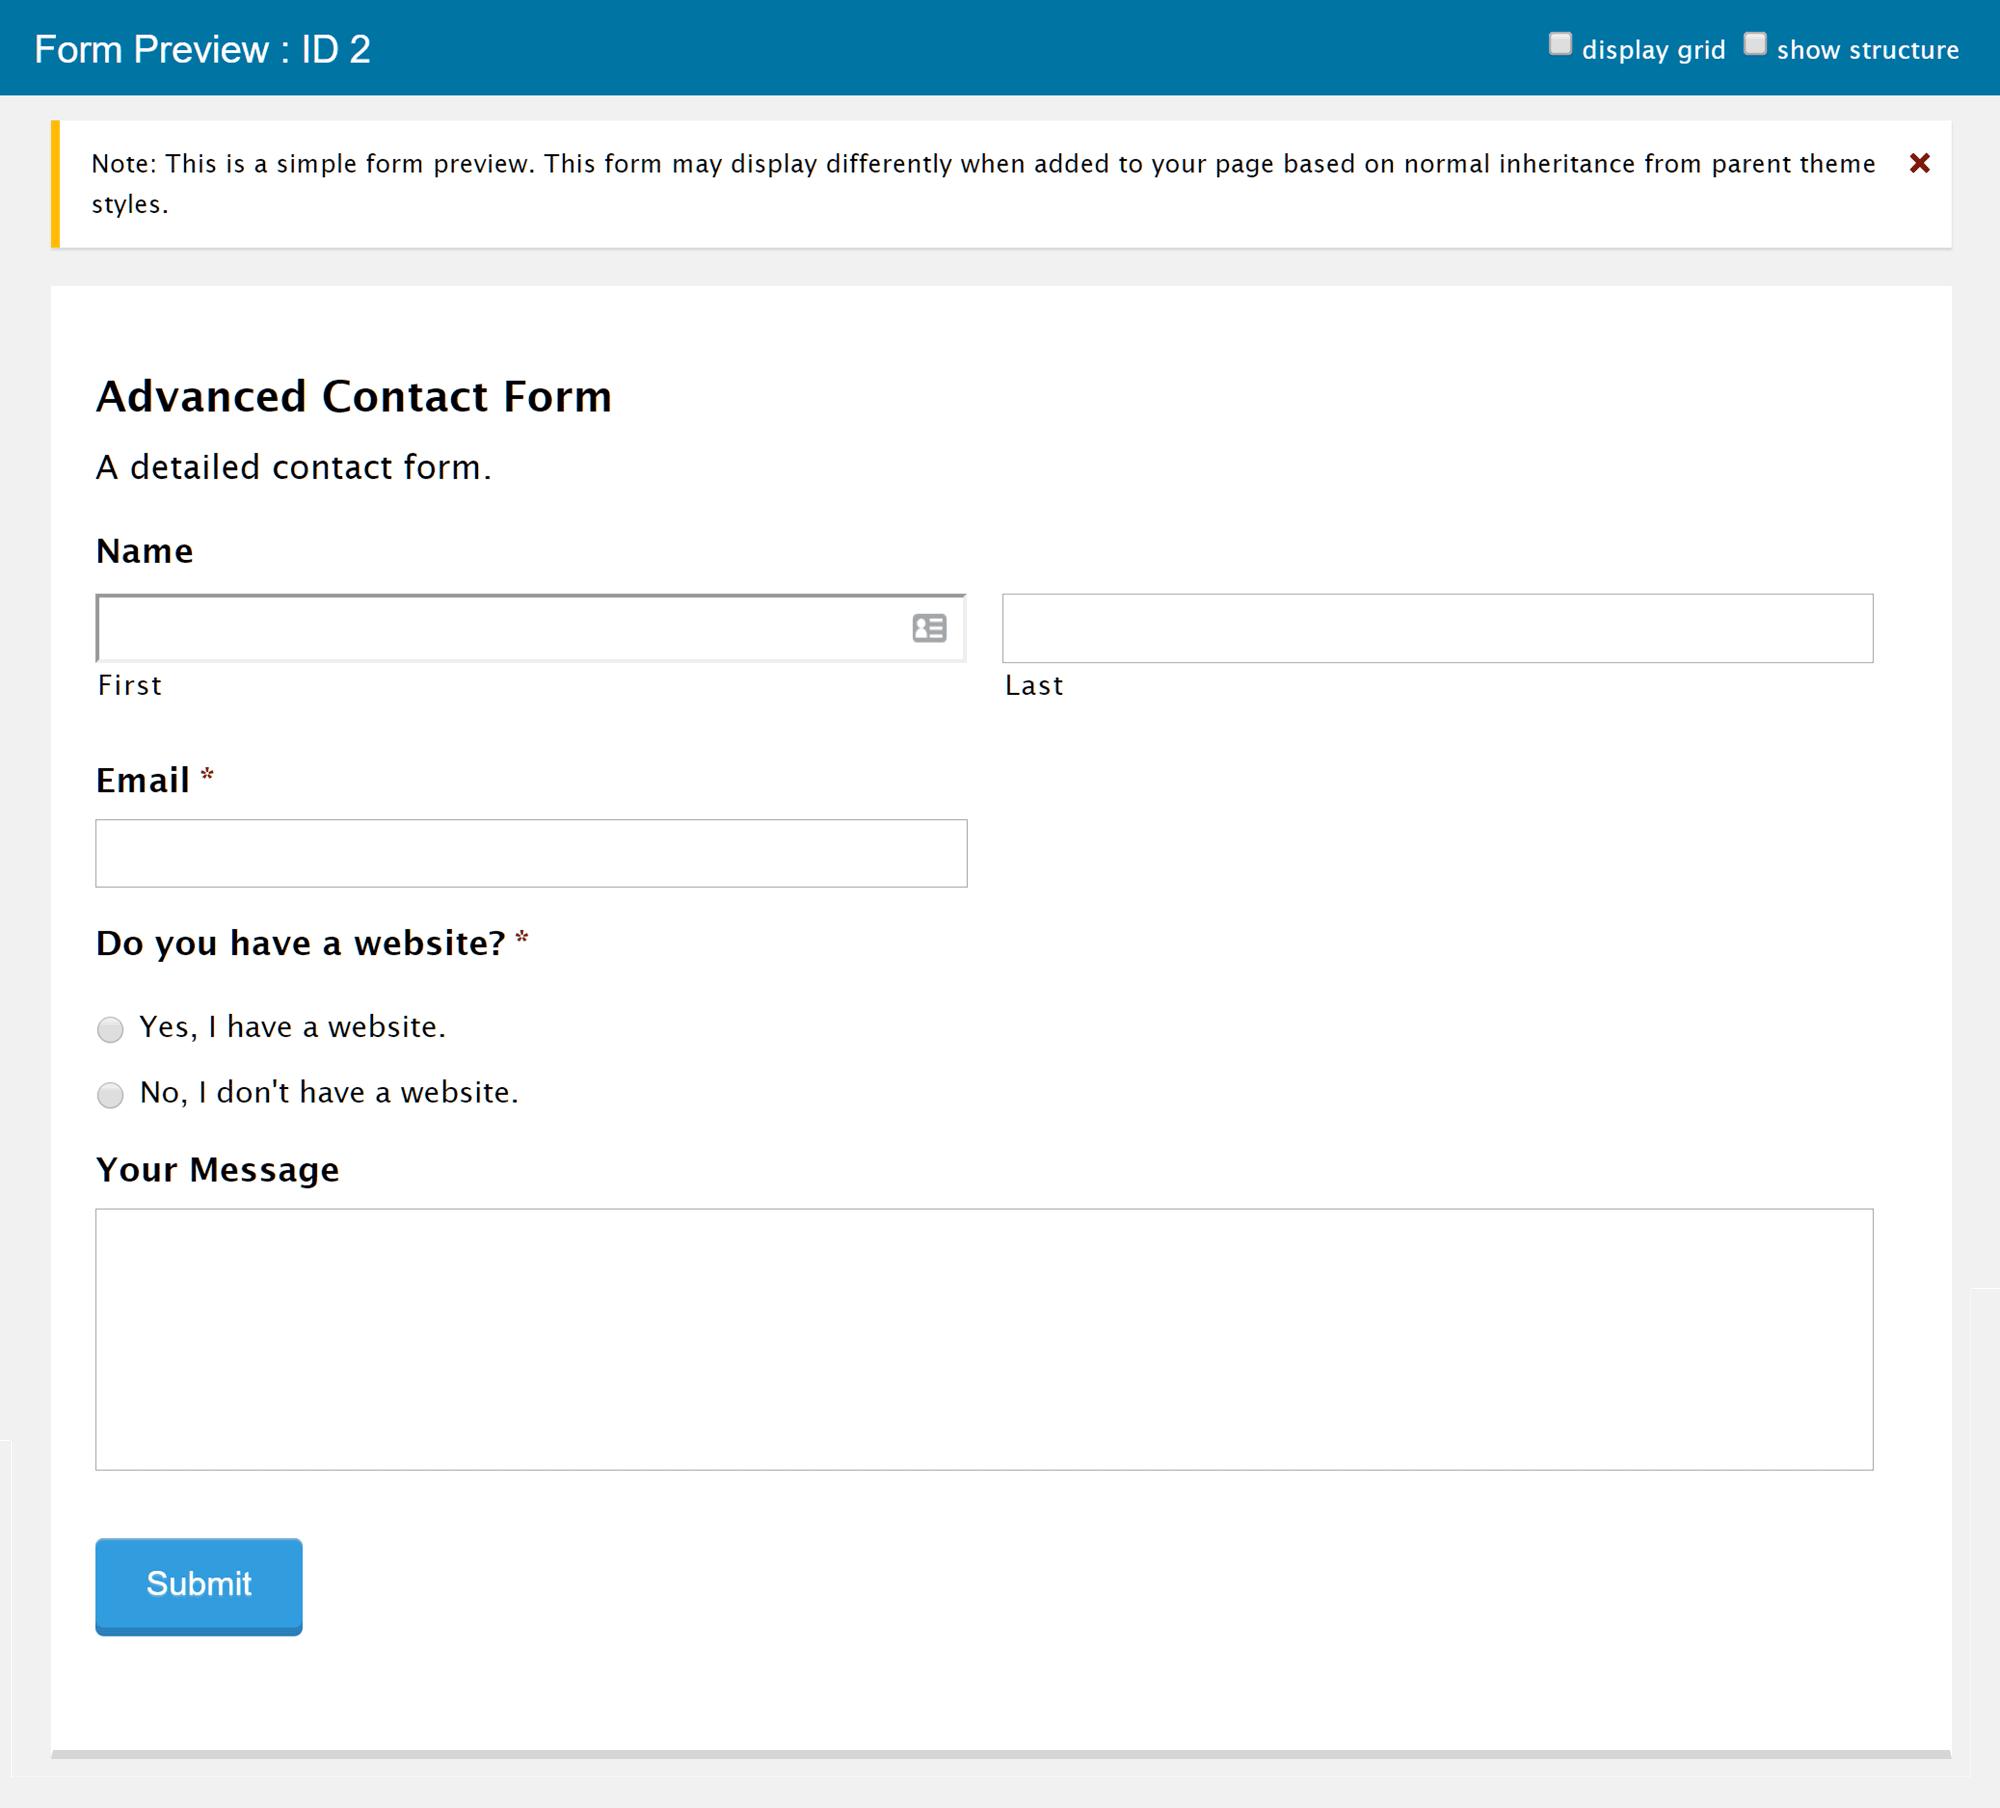 Vista previa de un formulario en formularios de gravedad